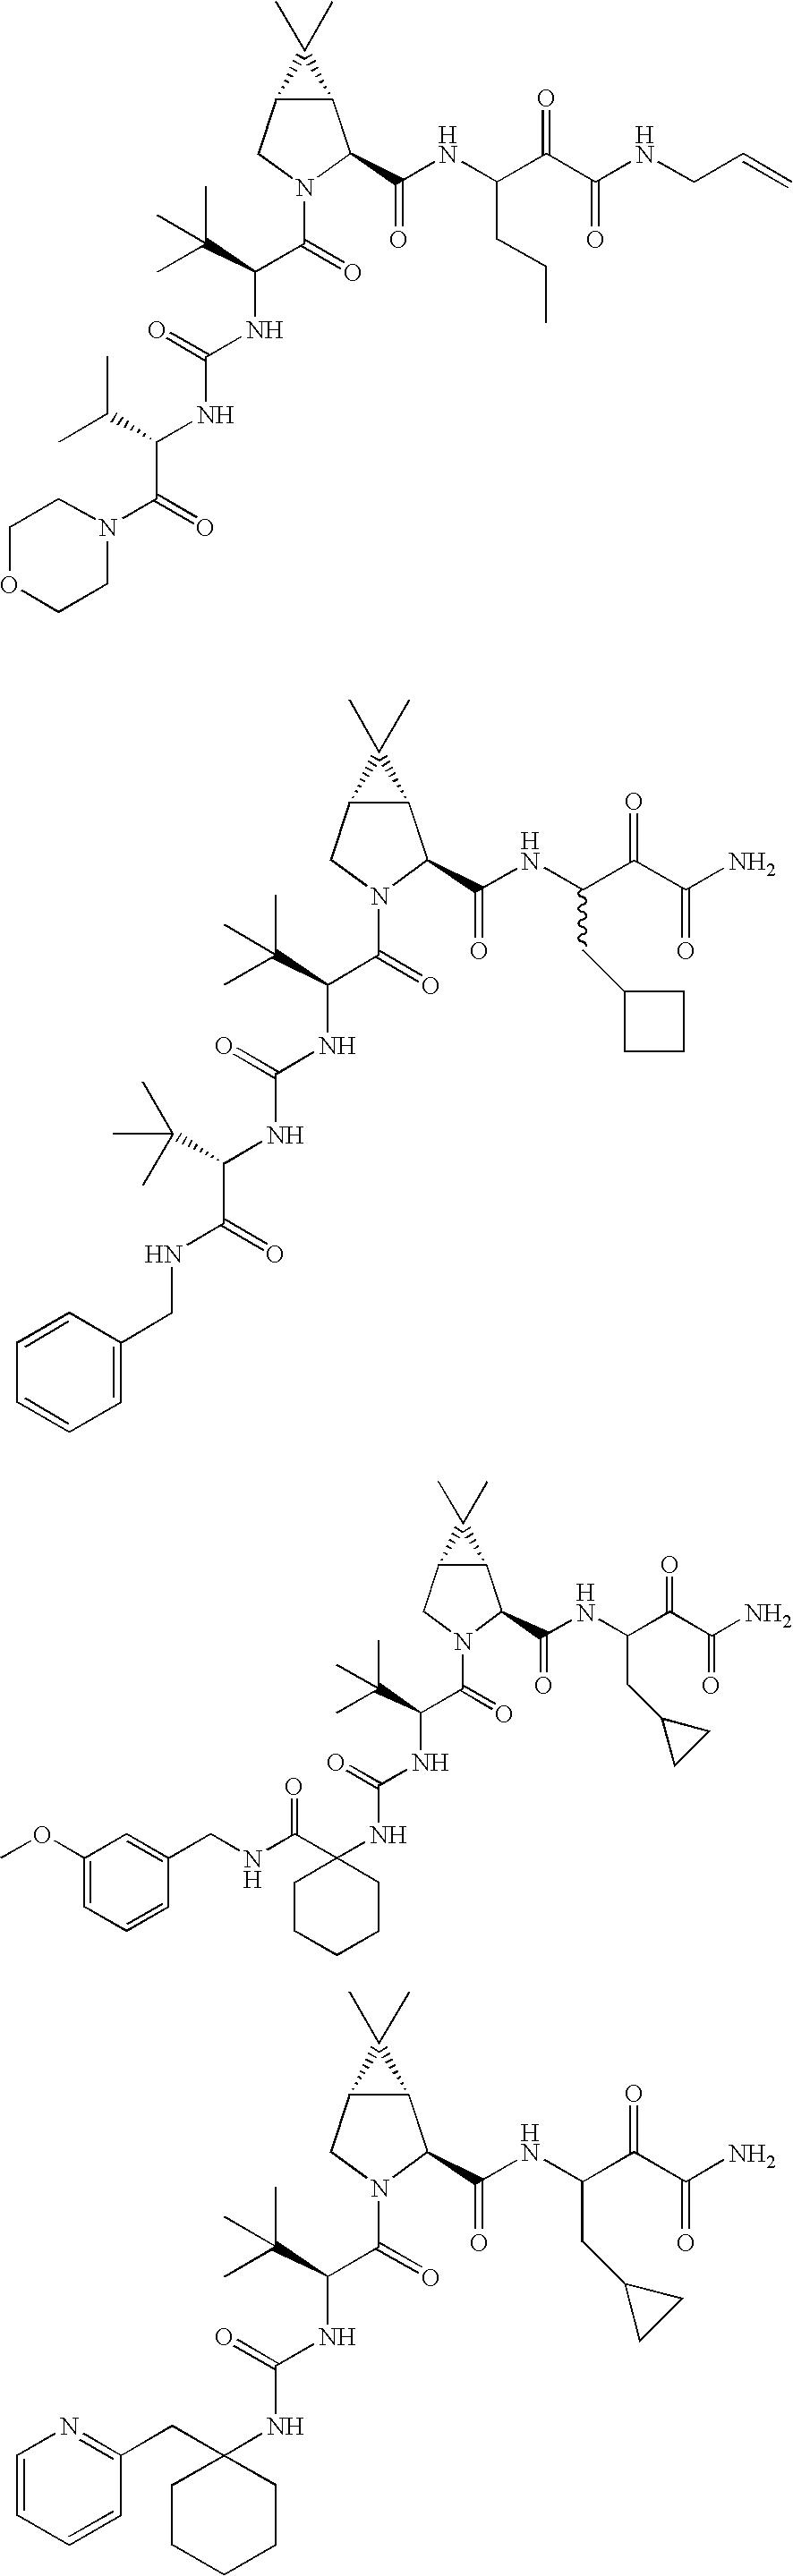 Figure US20060287248A1-20061221-C00328